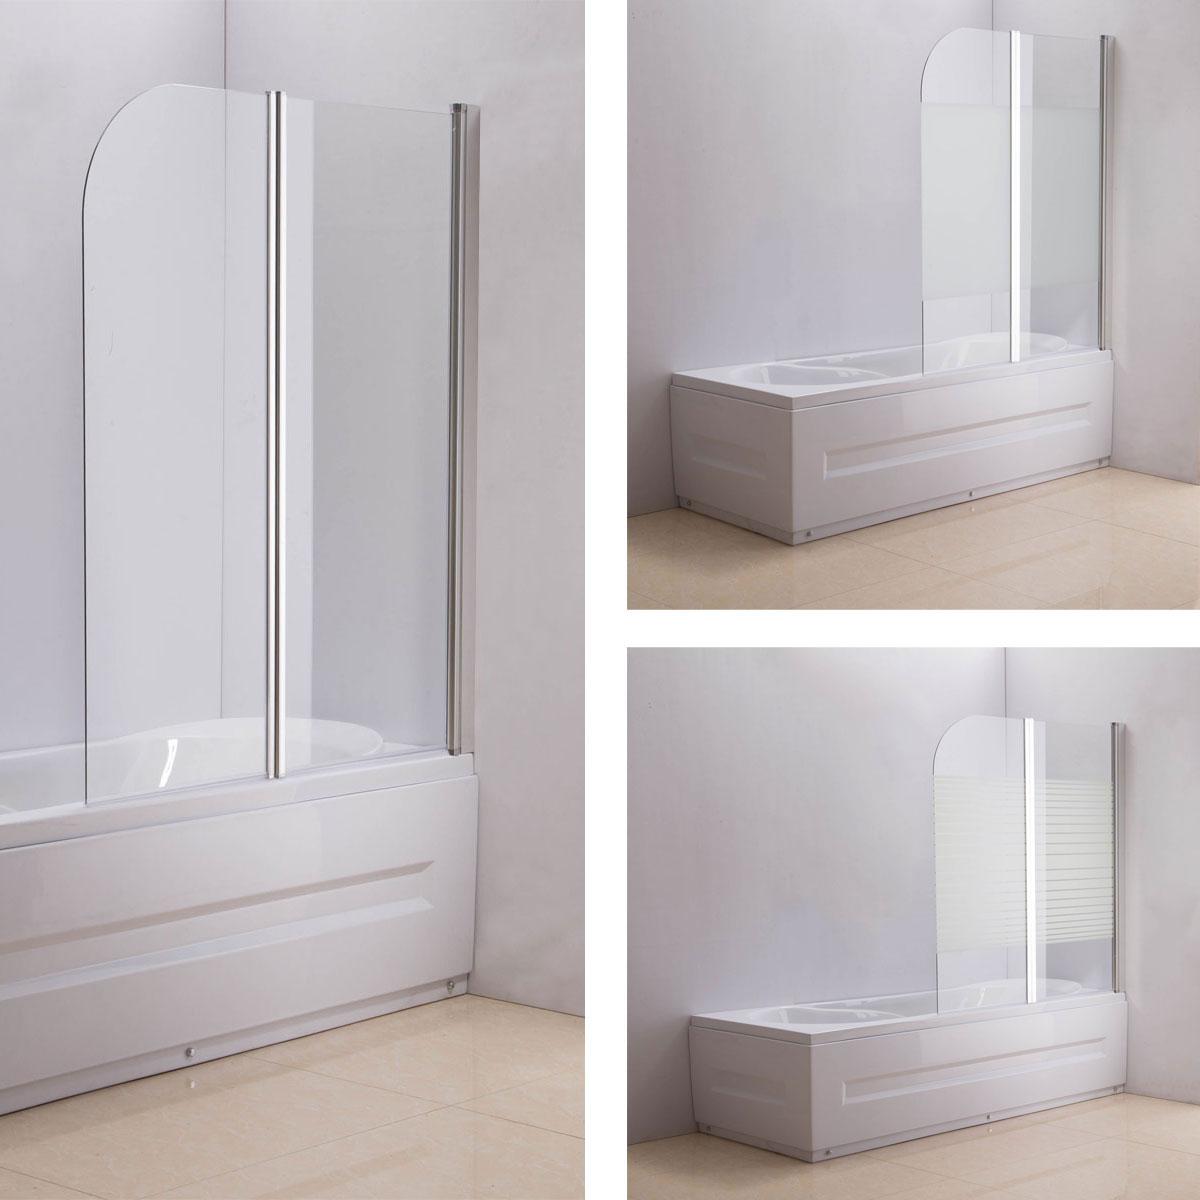 duschabtrennung badewanne esg sicherheitsglas nano duschwand badewannenfaltwand ebay. Black Bedroom Furniture Sets. Home Design Ideas